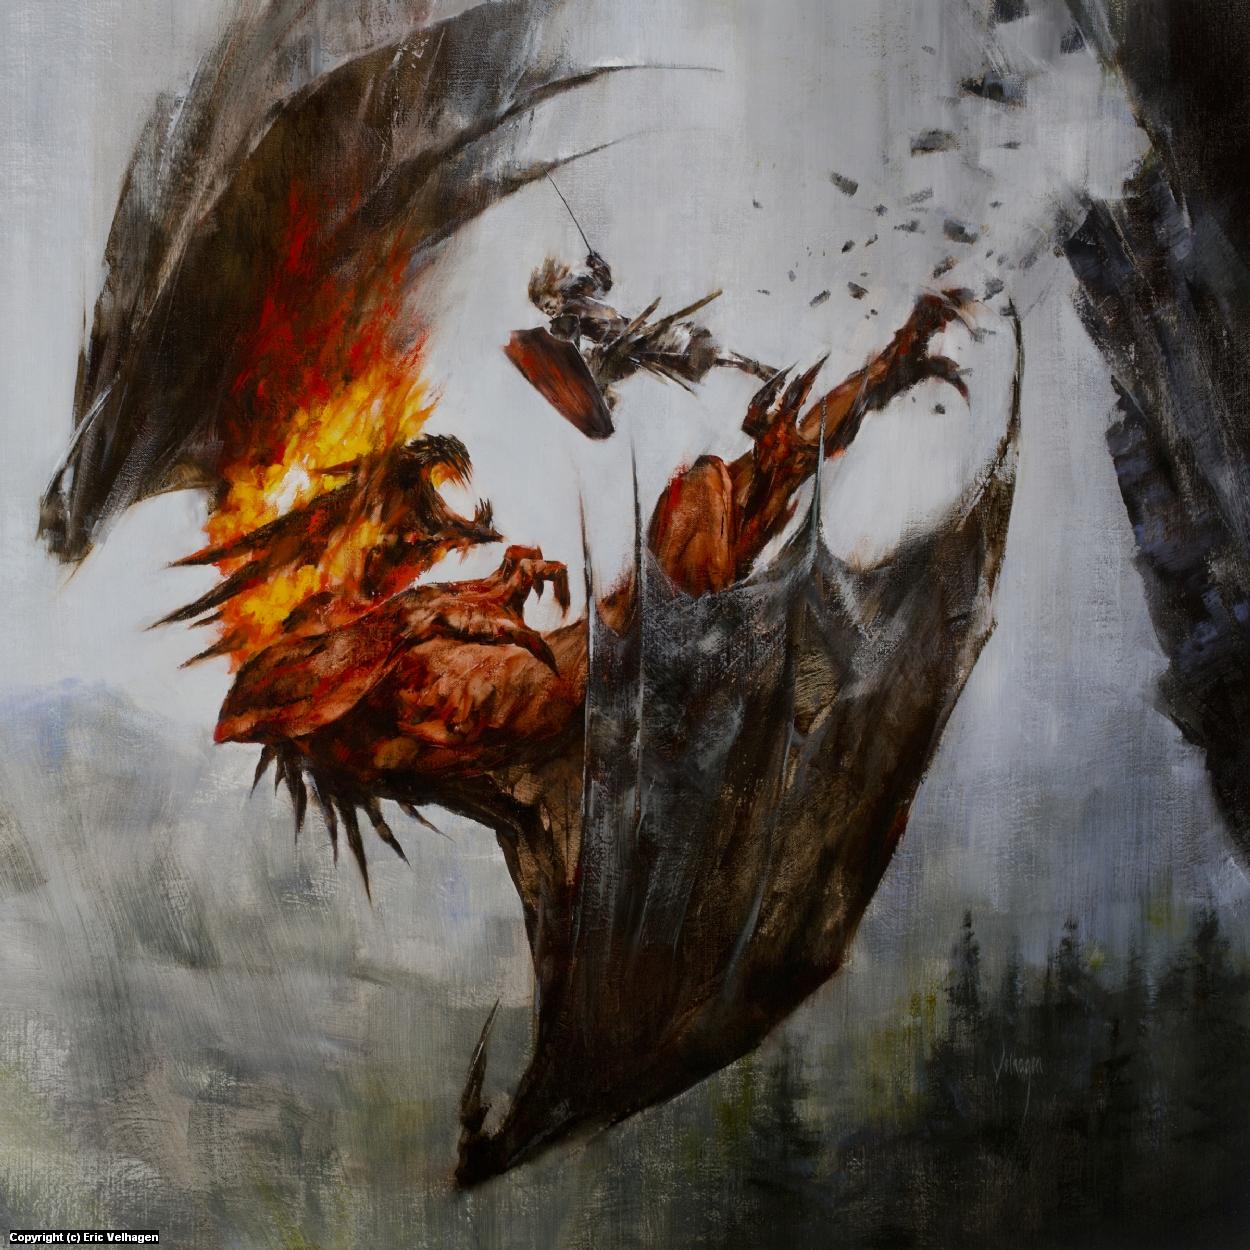 Glorfindel and the Balrog Artwork by Eric Velhagen